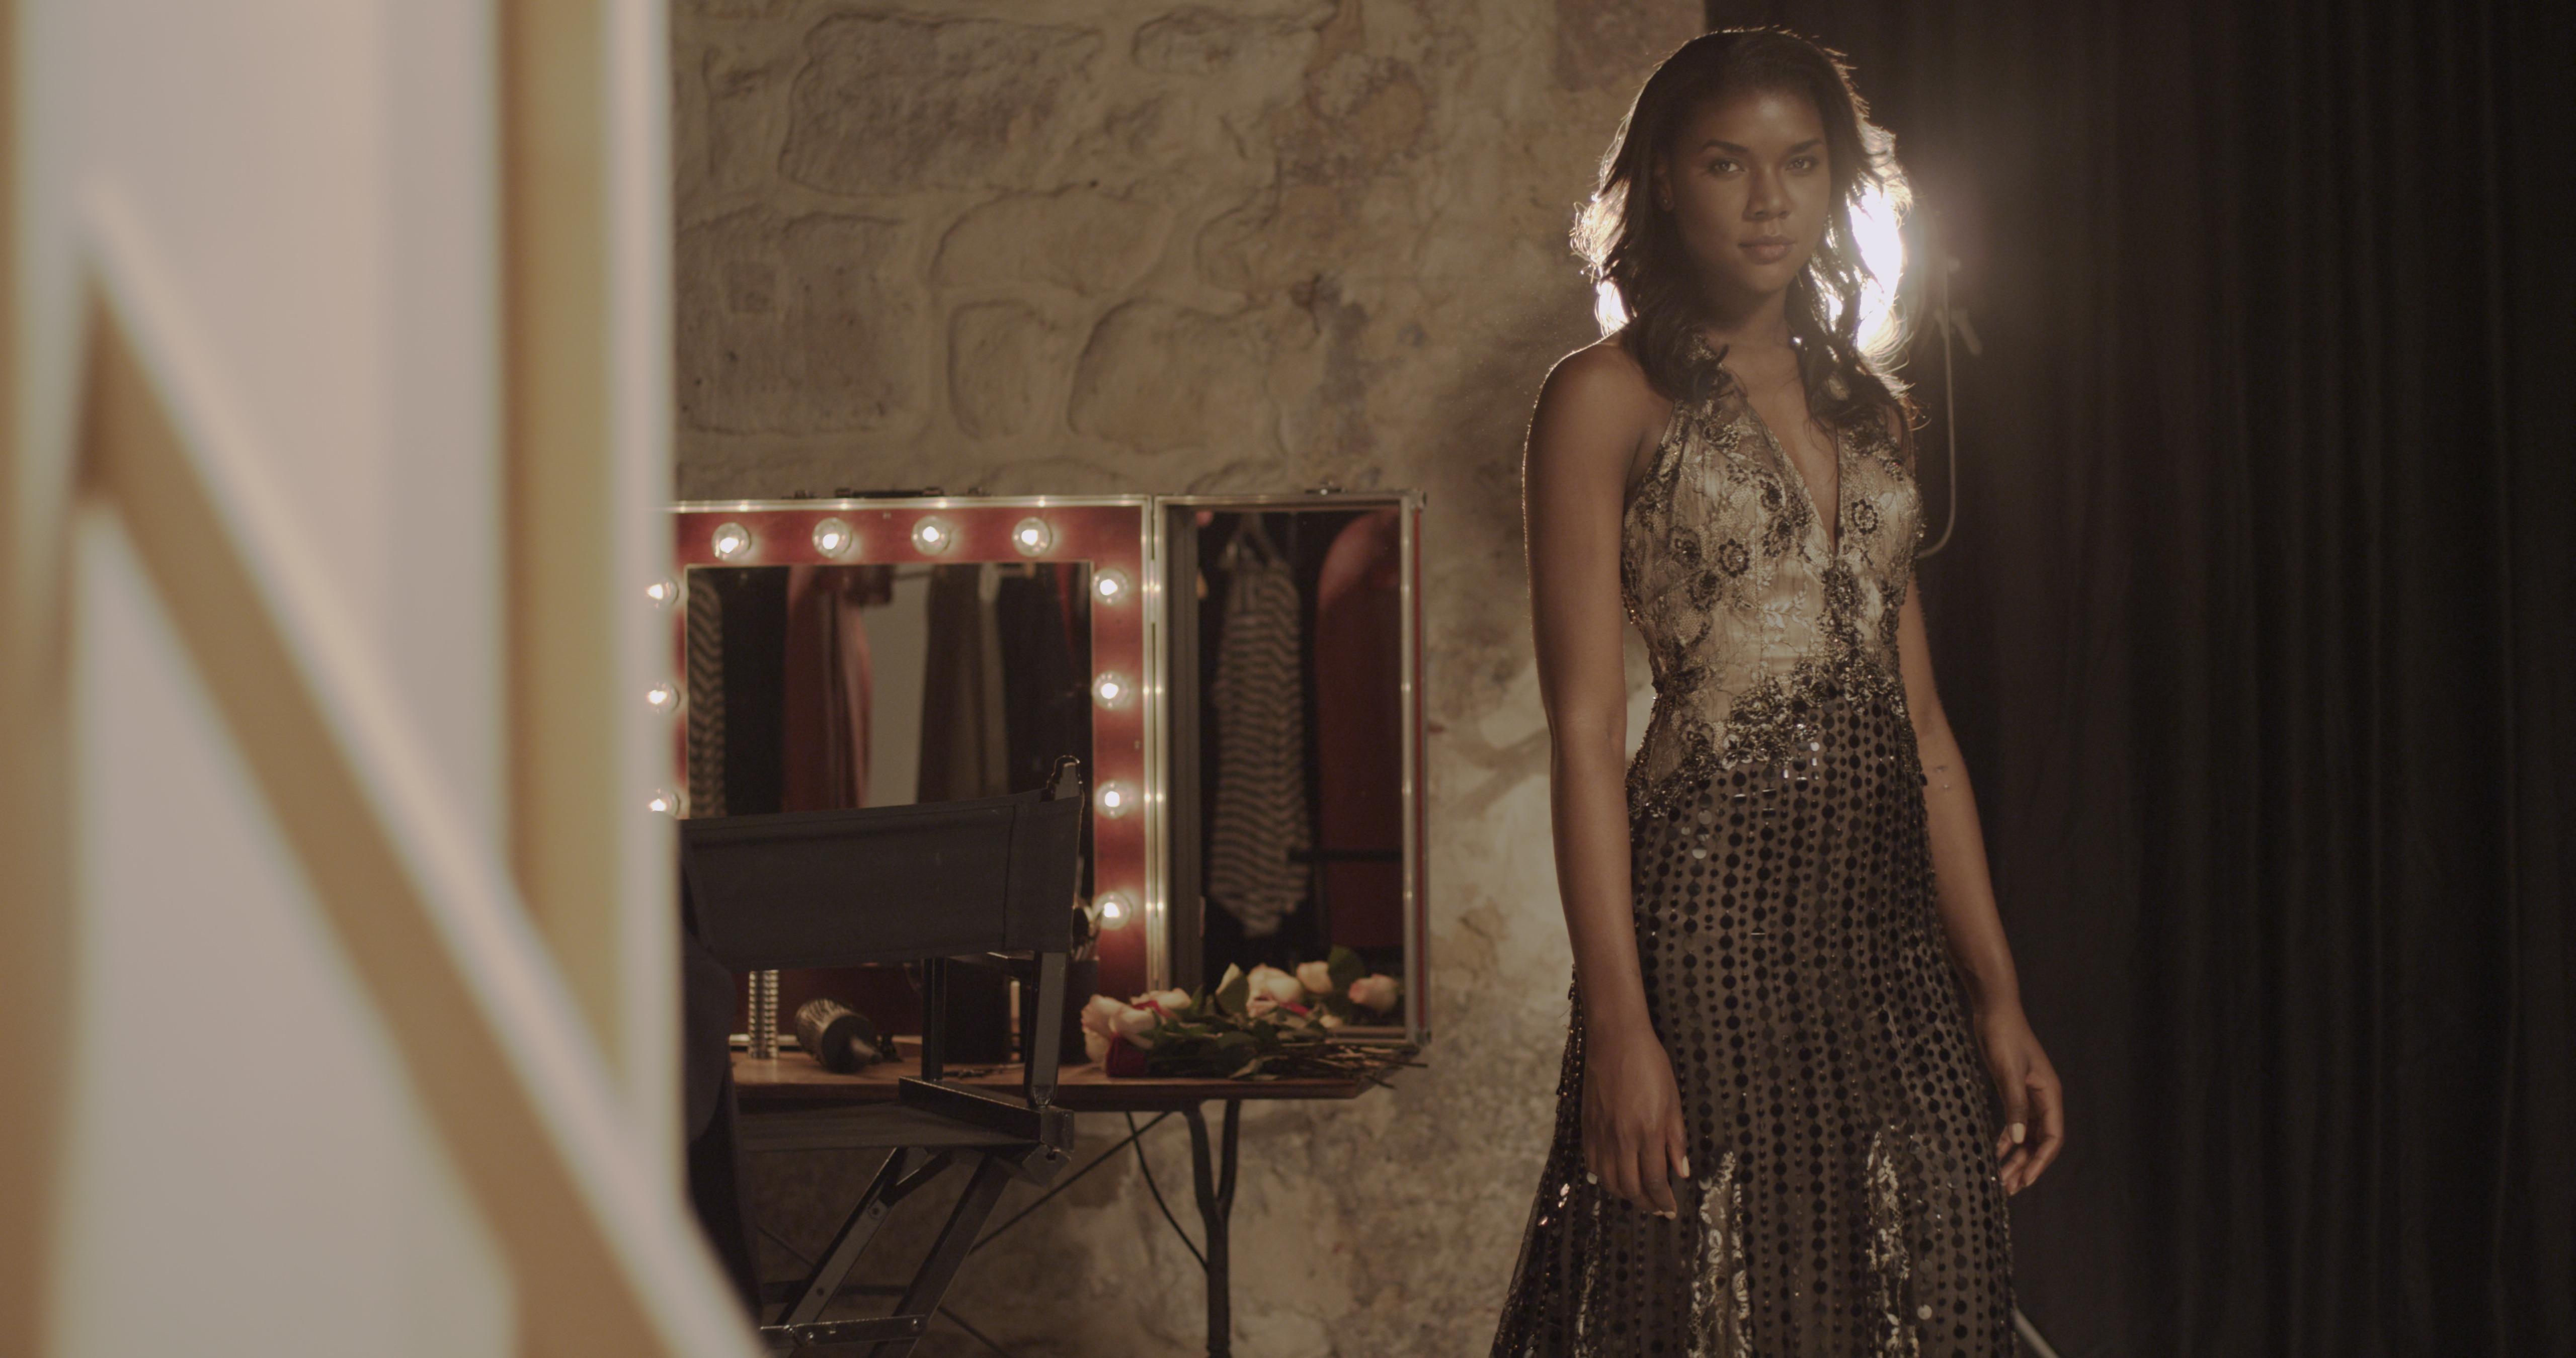 modele dans film publicitaire produit de beauté cheveux